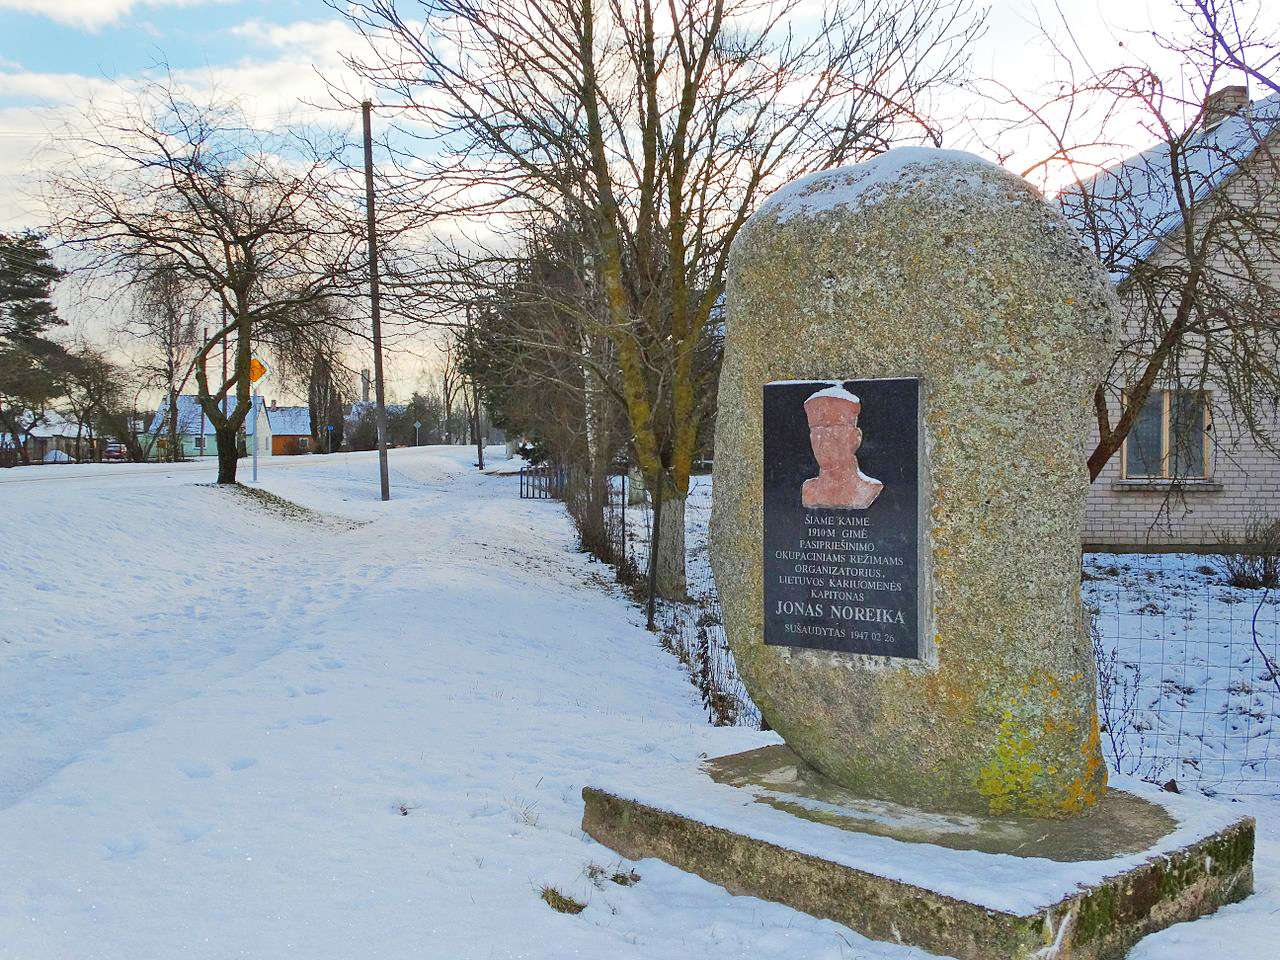 Μνημείο στο Šukioniai γενέτειρα του Noreika